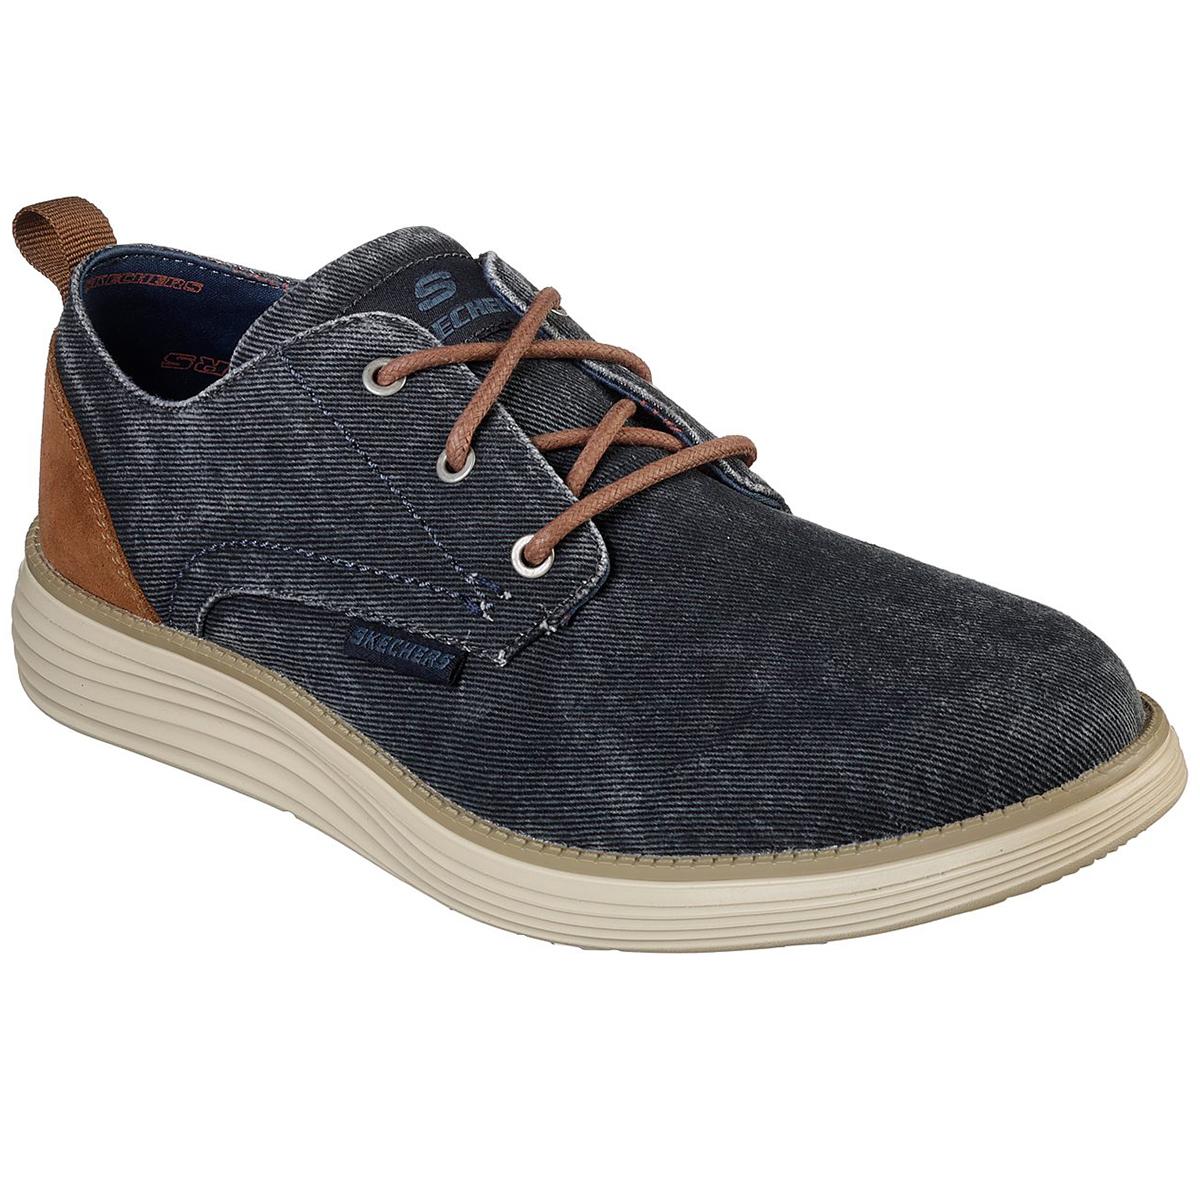 Skechers Men's Status 2.0 Pexton Oxford Shoes - Blue, 9.5